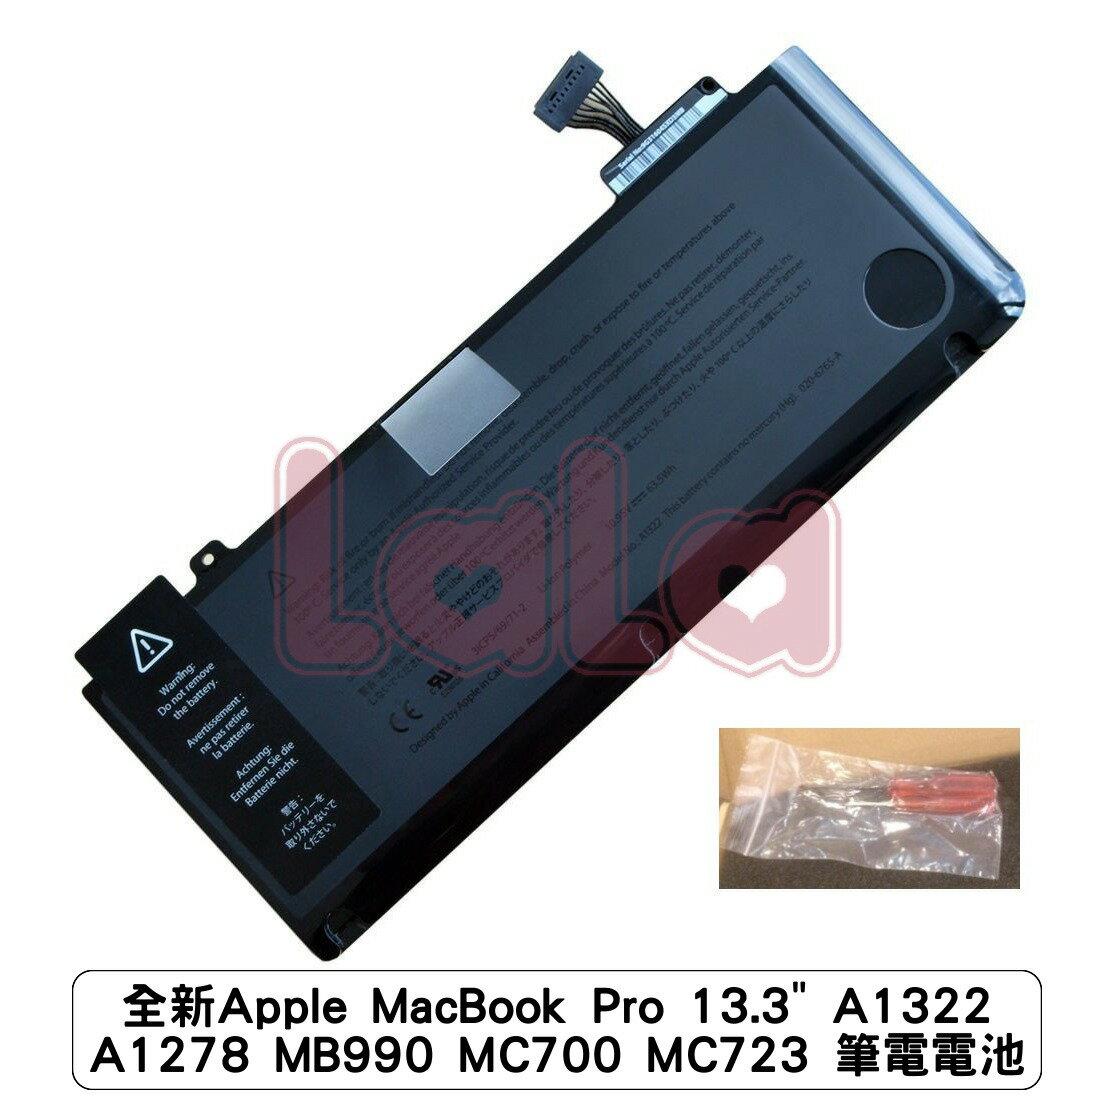 全新Apple MacBook Pro 13.3 A1322 A1278 MB990 MC700 MC723 筆電電池